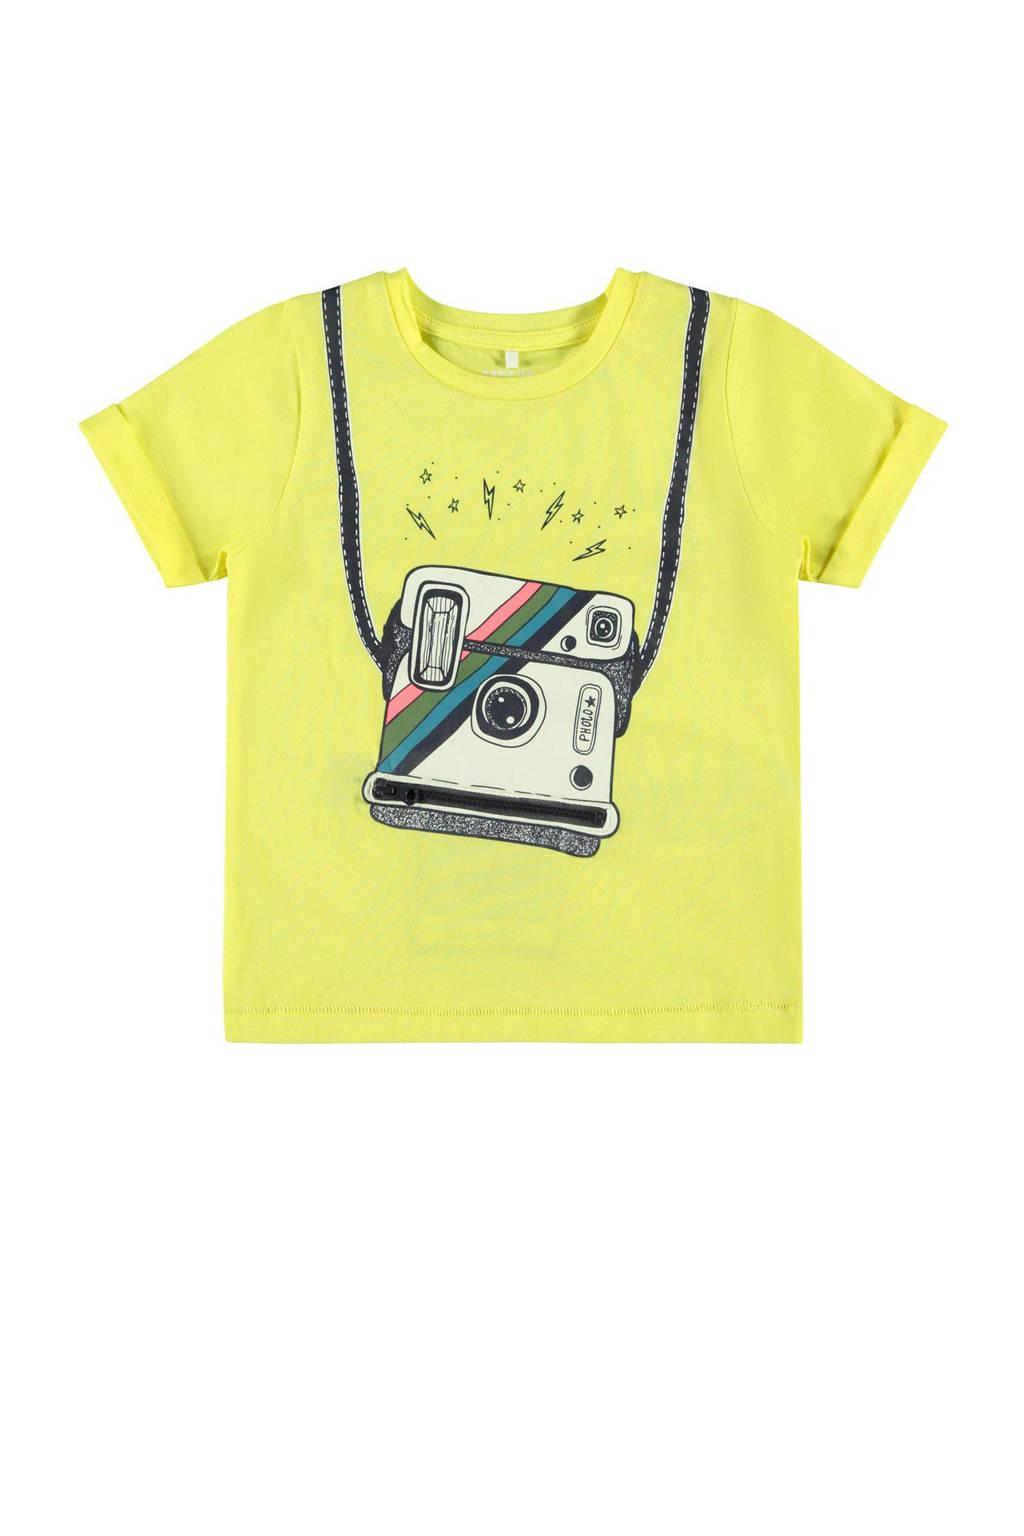 NAME IT MINI T-shirt Fakko met biologisch katoen geel/zwart/wit, Geel/zwart/wit